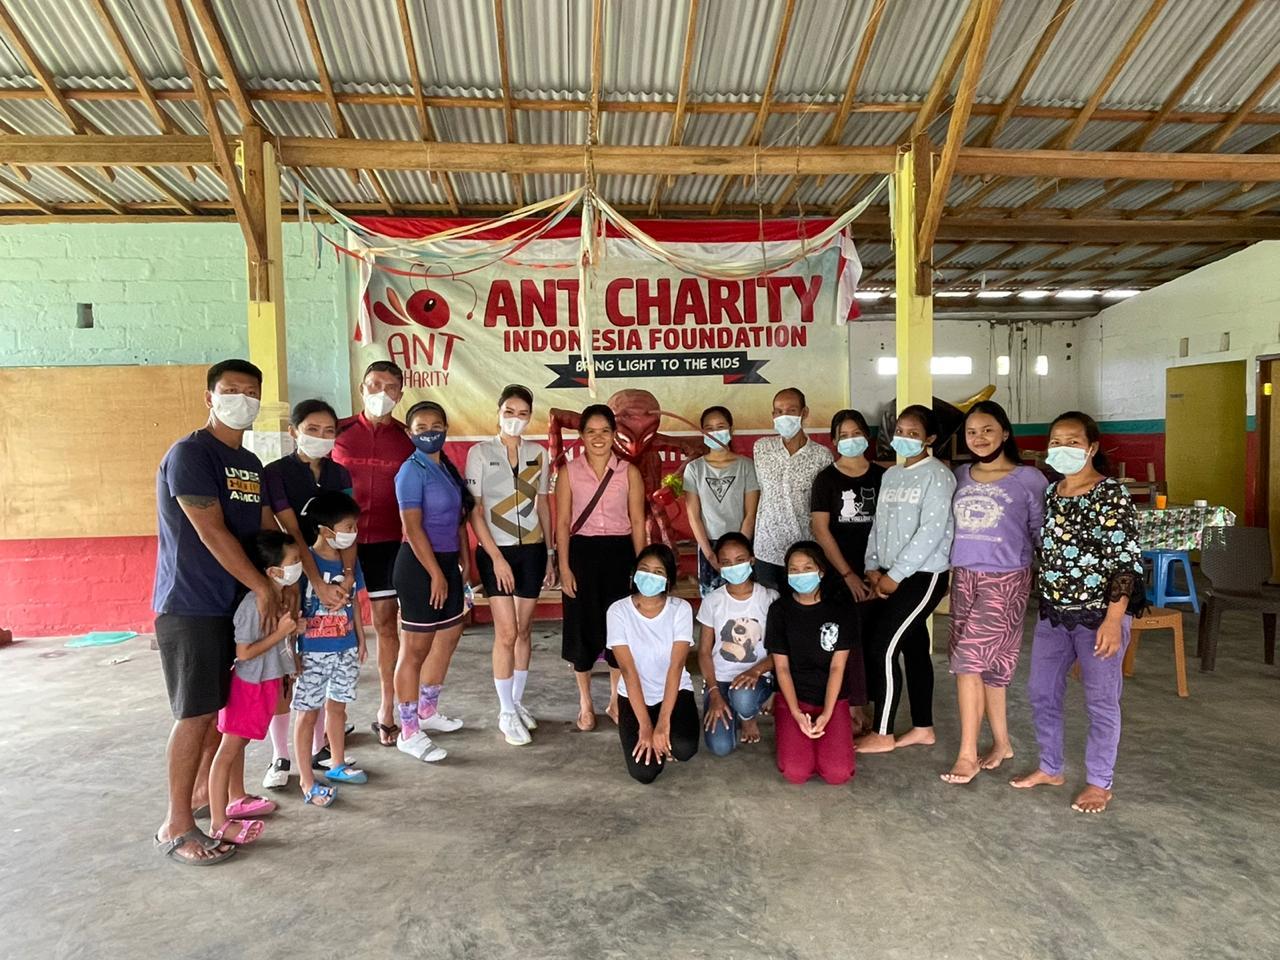 Kunjungan ke Life Center Tojan, Bali di awal tahun 2021